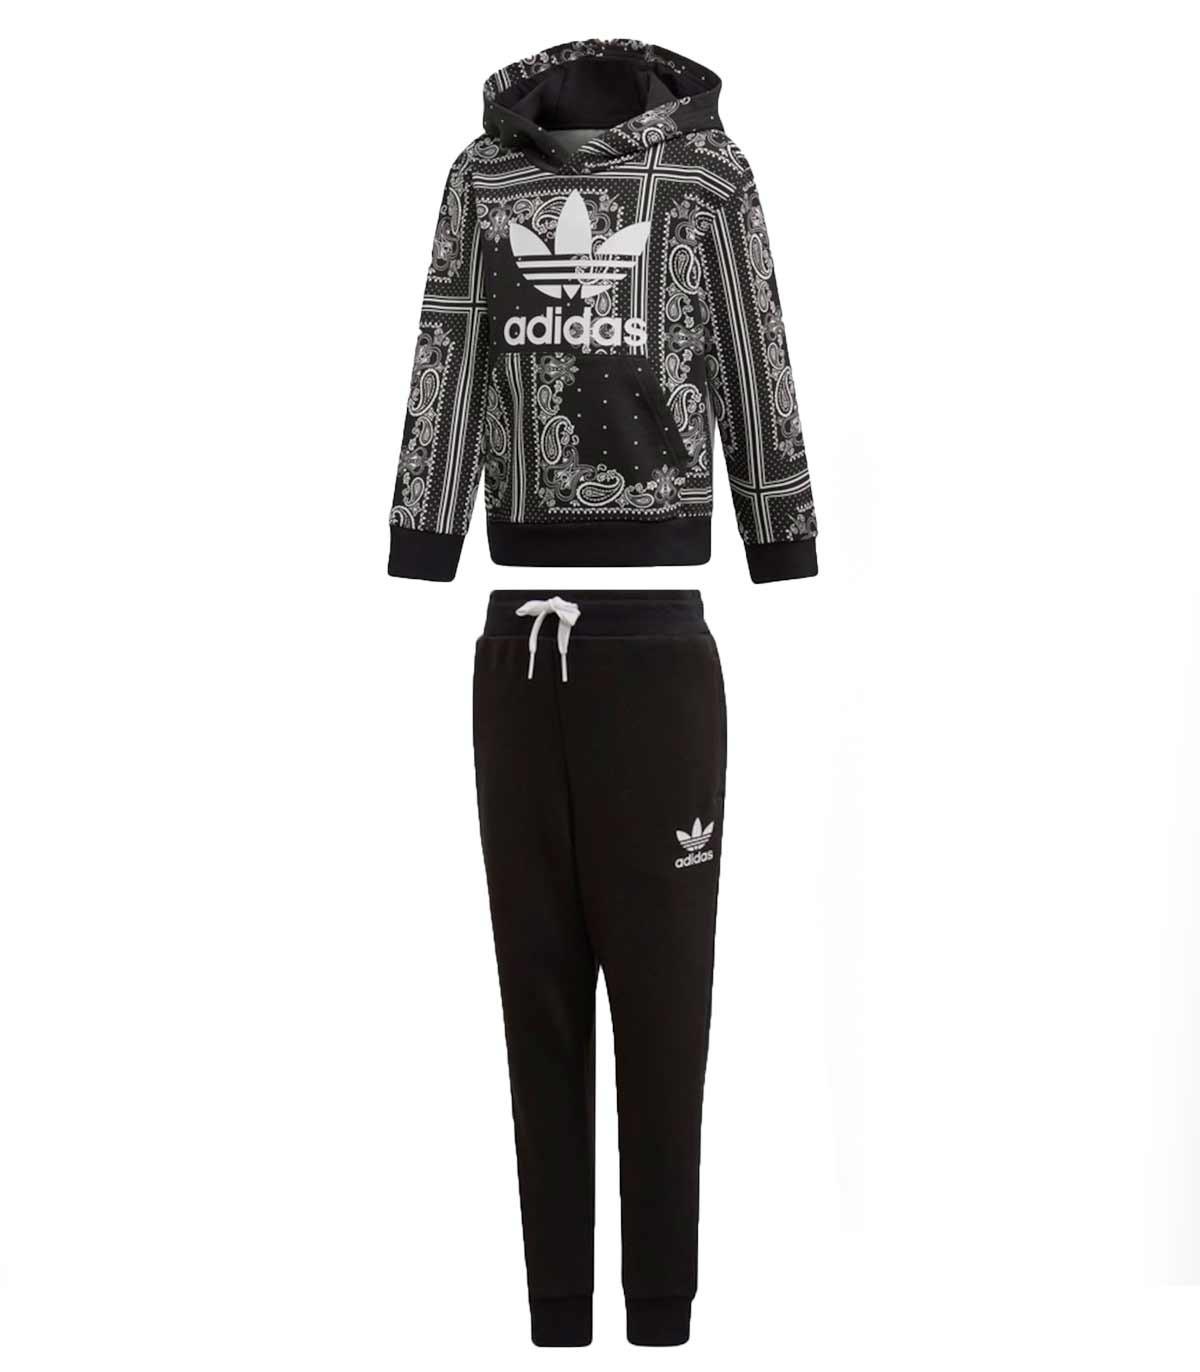 59e9910a5618 Buy Chandal Adidas Bandana Hoodset